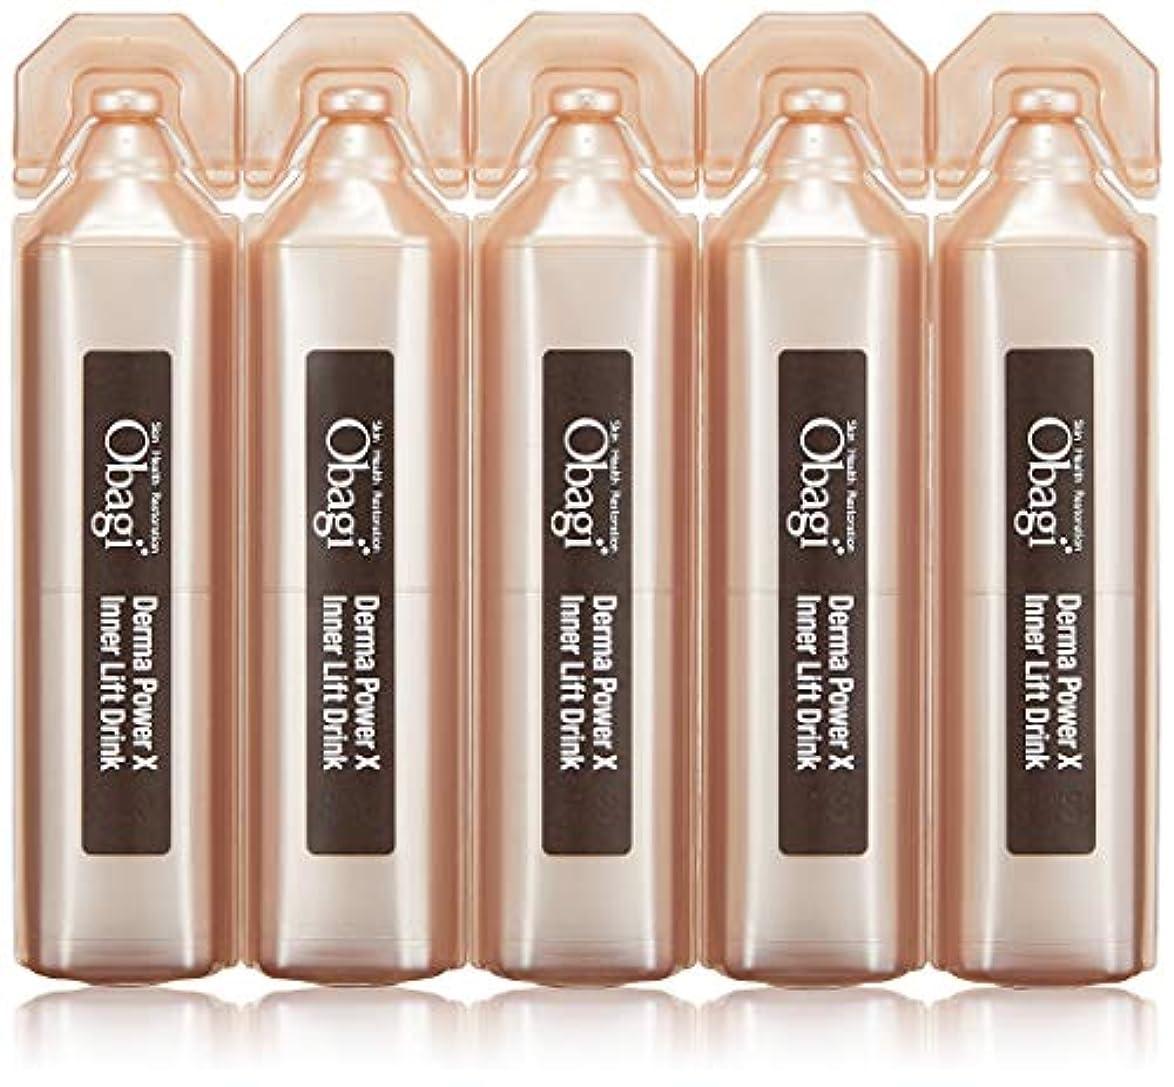 モットー歯満足させるObagi(オバジ) オバジ ダーマパワーX インナーリフト ドリンク(美容飲料) 20mL×10本